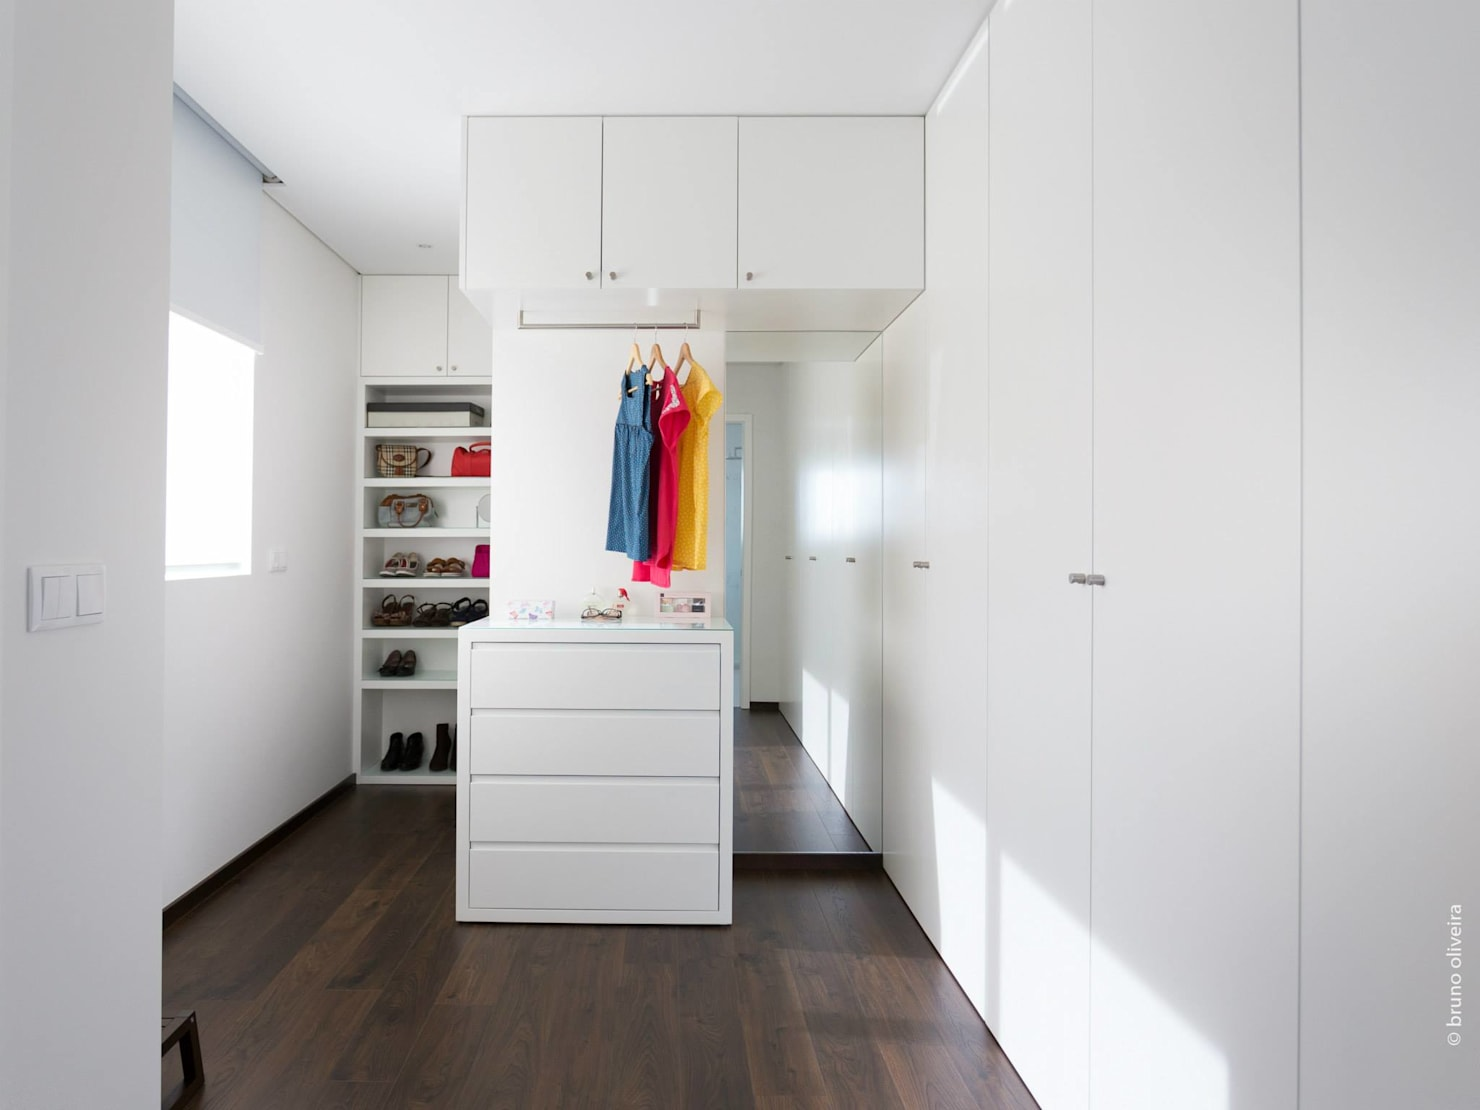 13 отличных идей для хранения одежды- фотографии